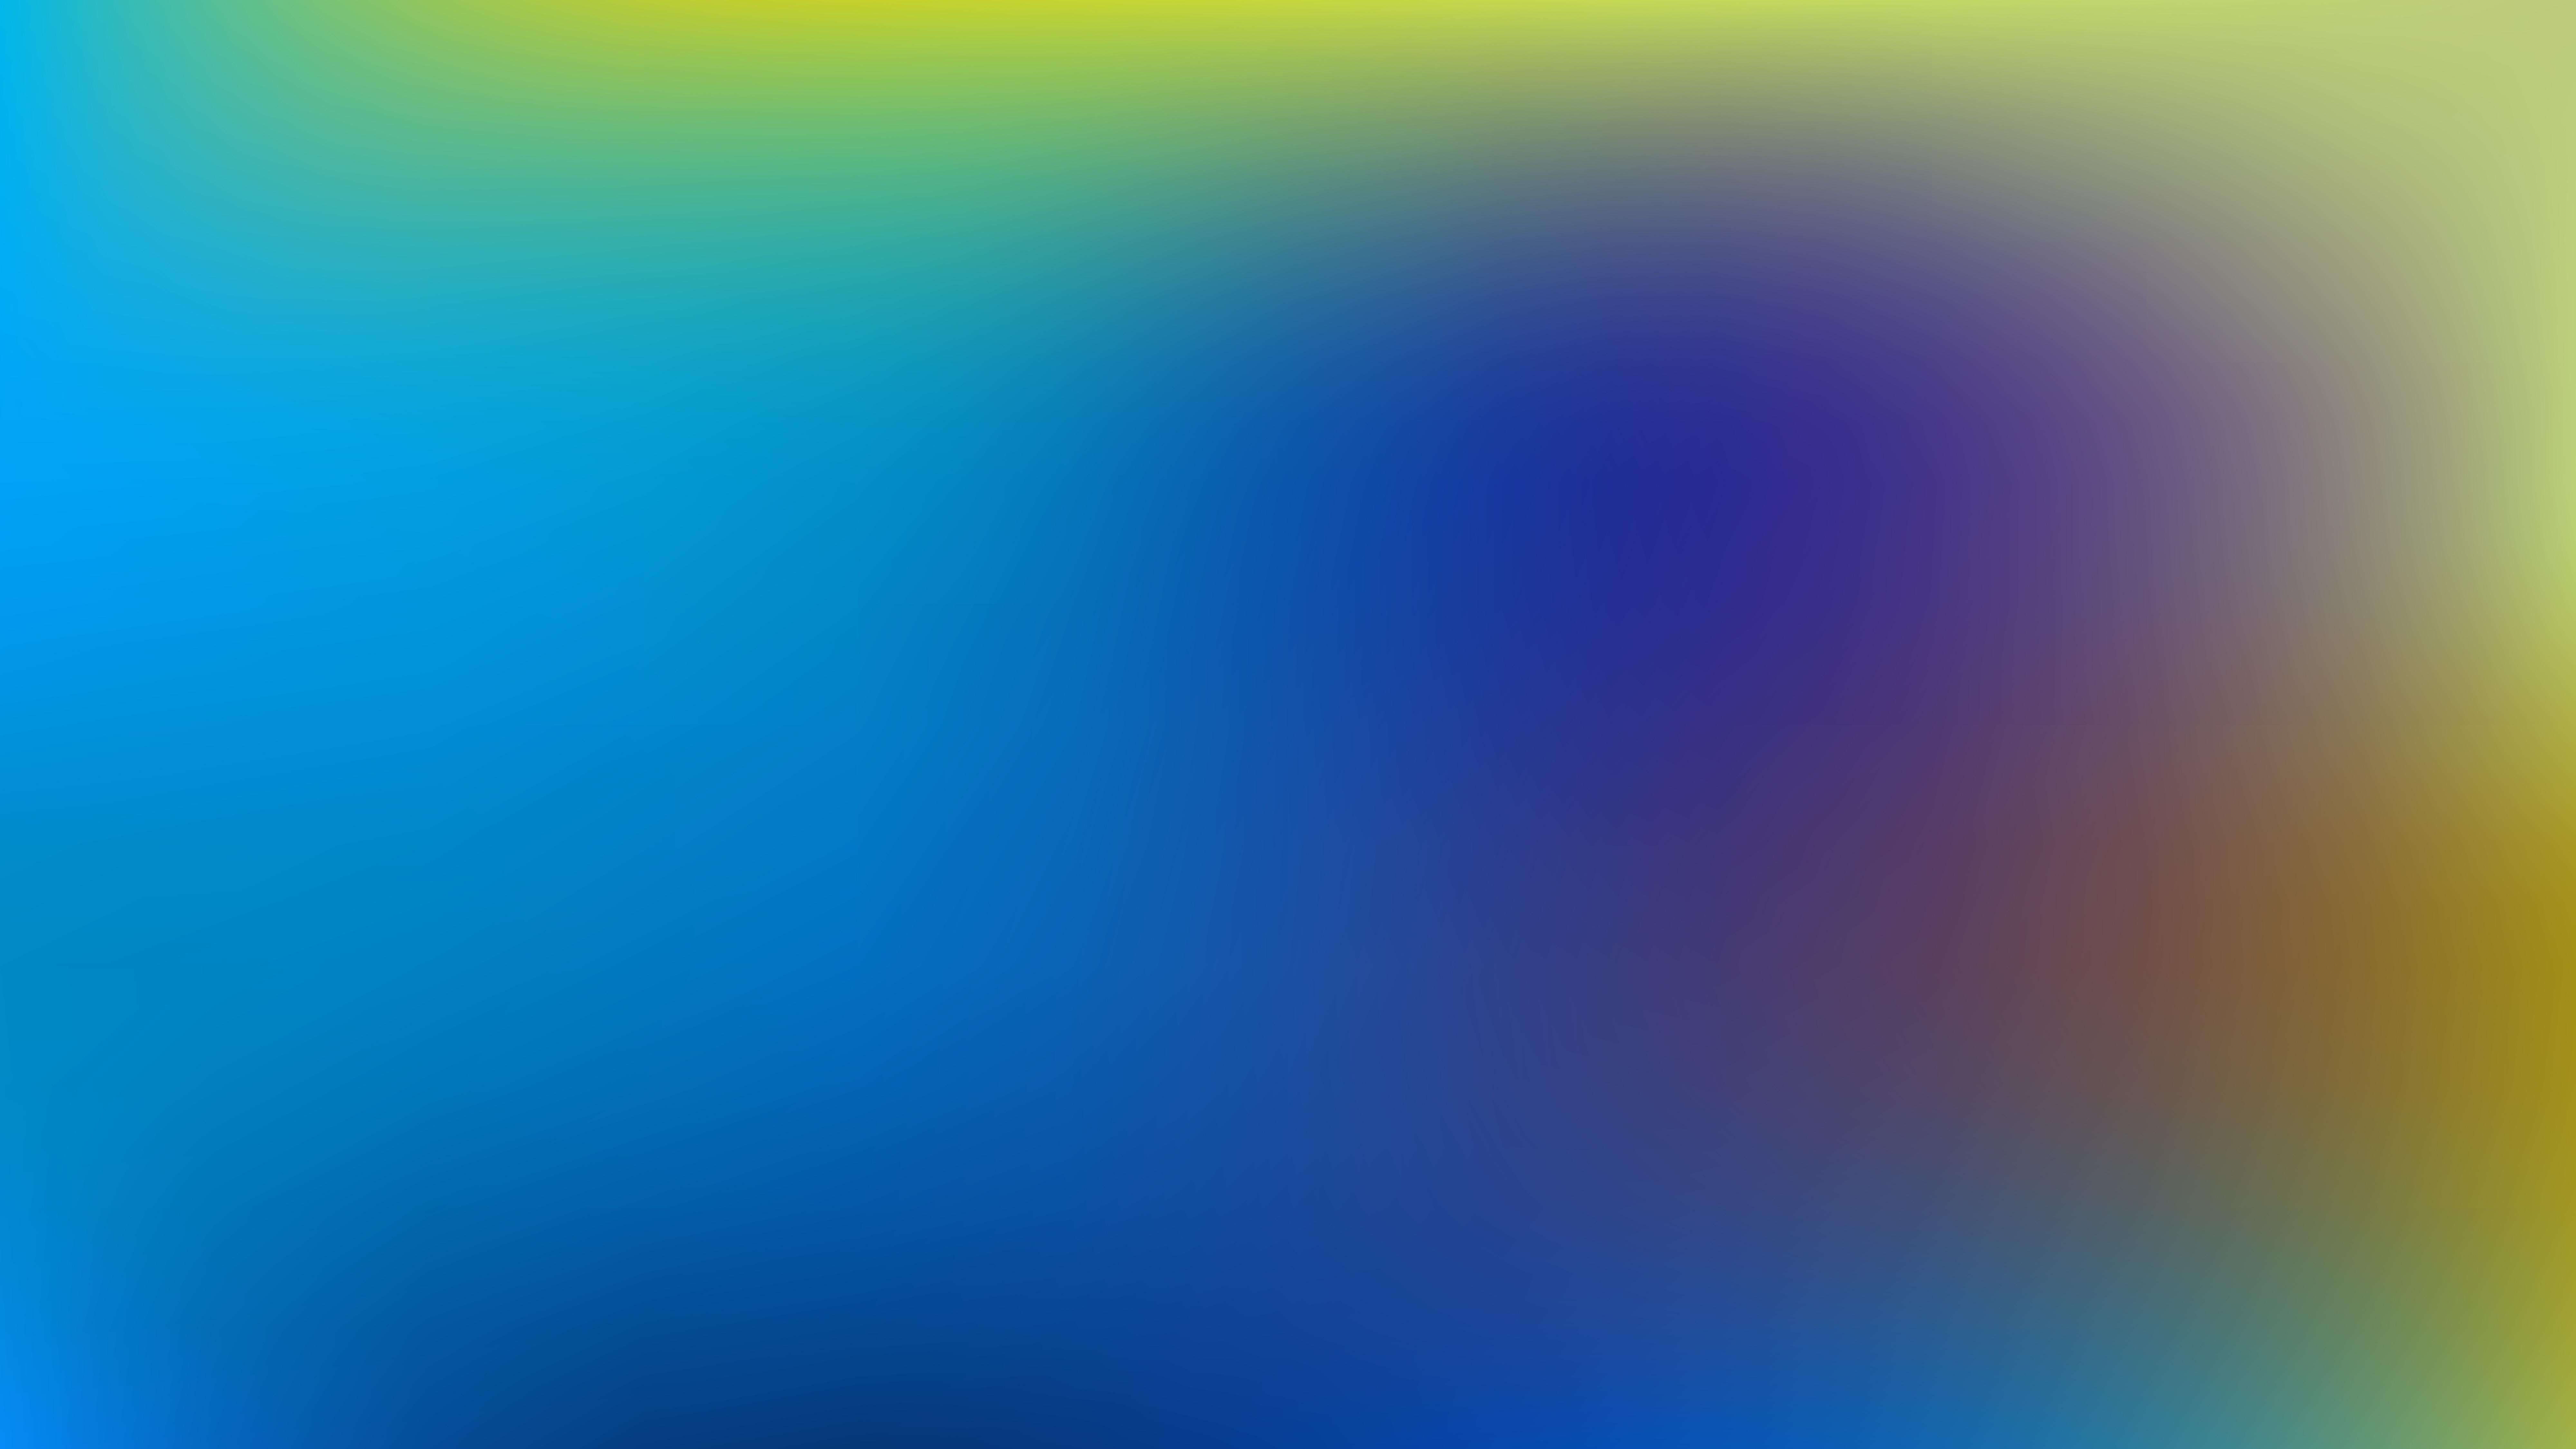 Download 810 Koleksi Background Ppt Vector HD Terbaik